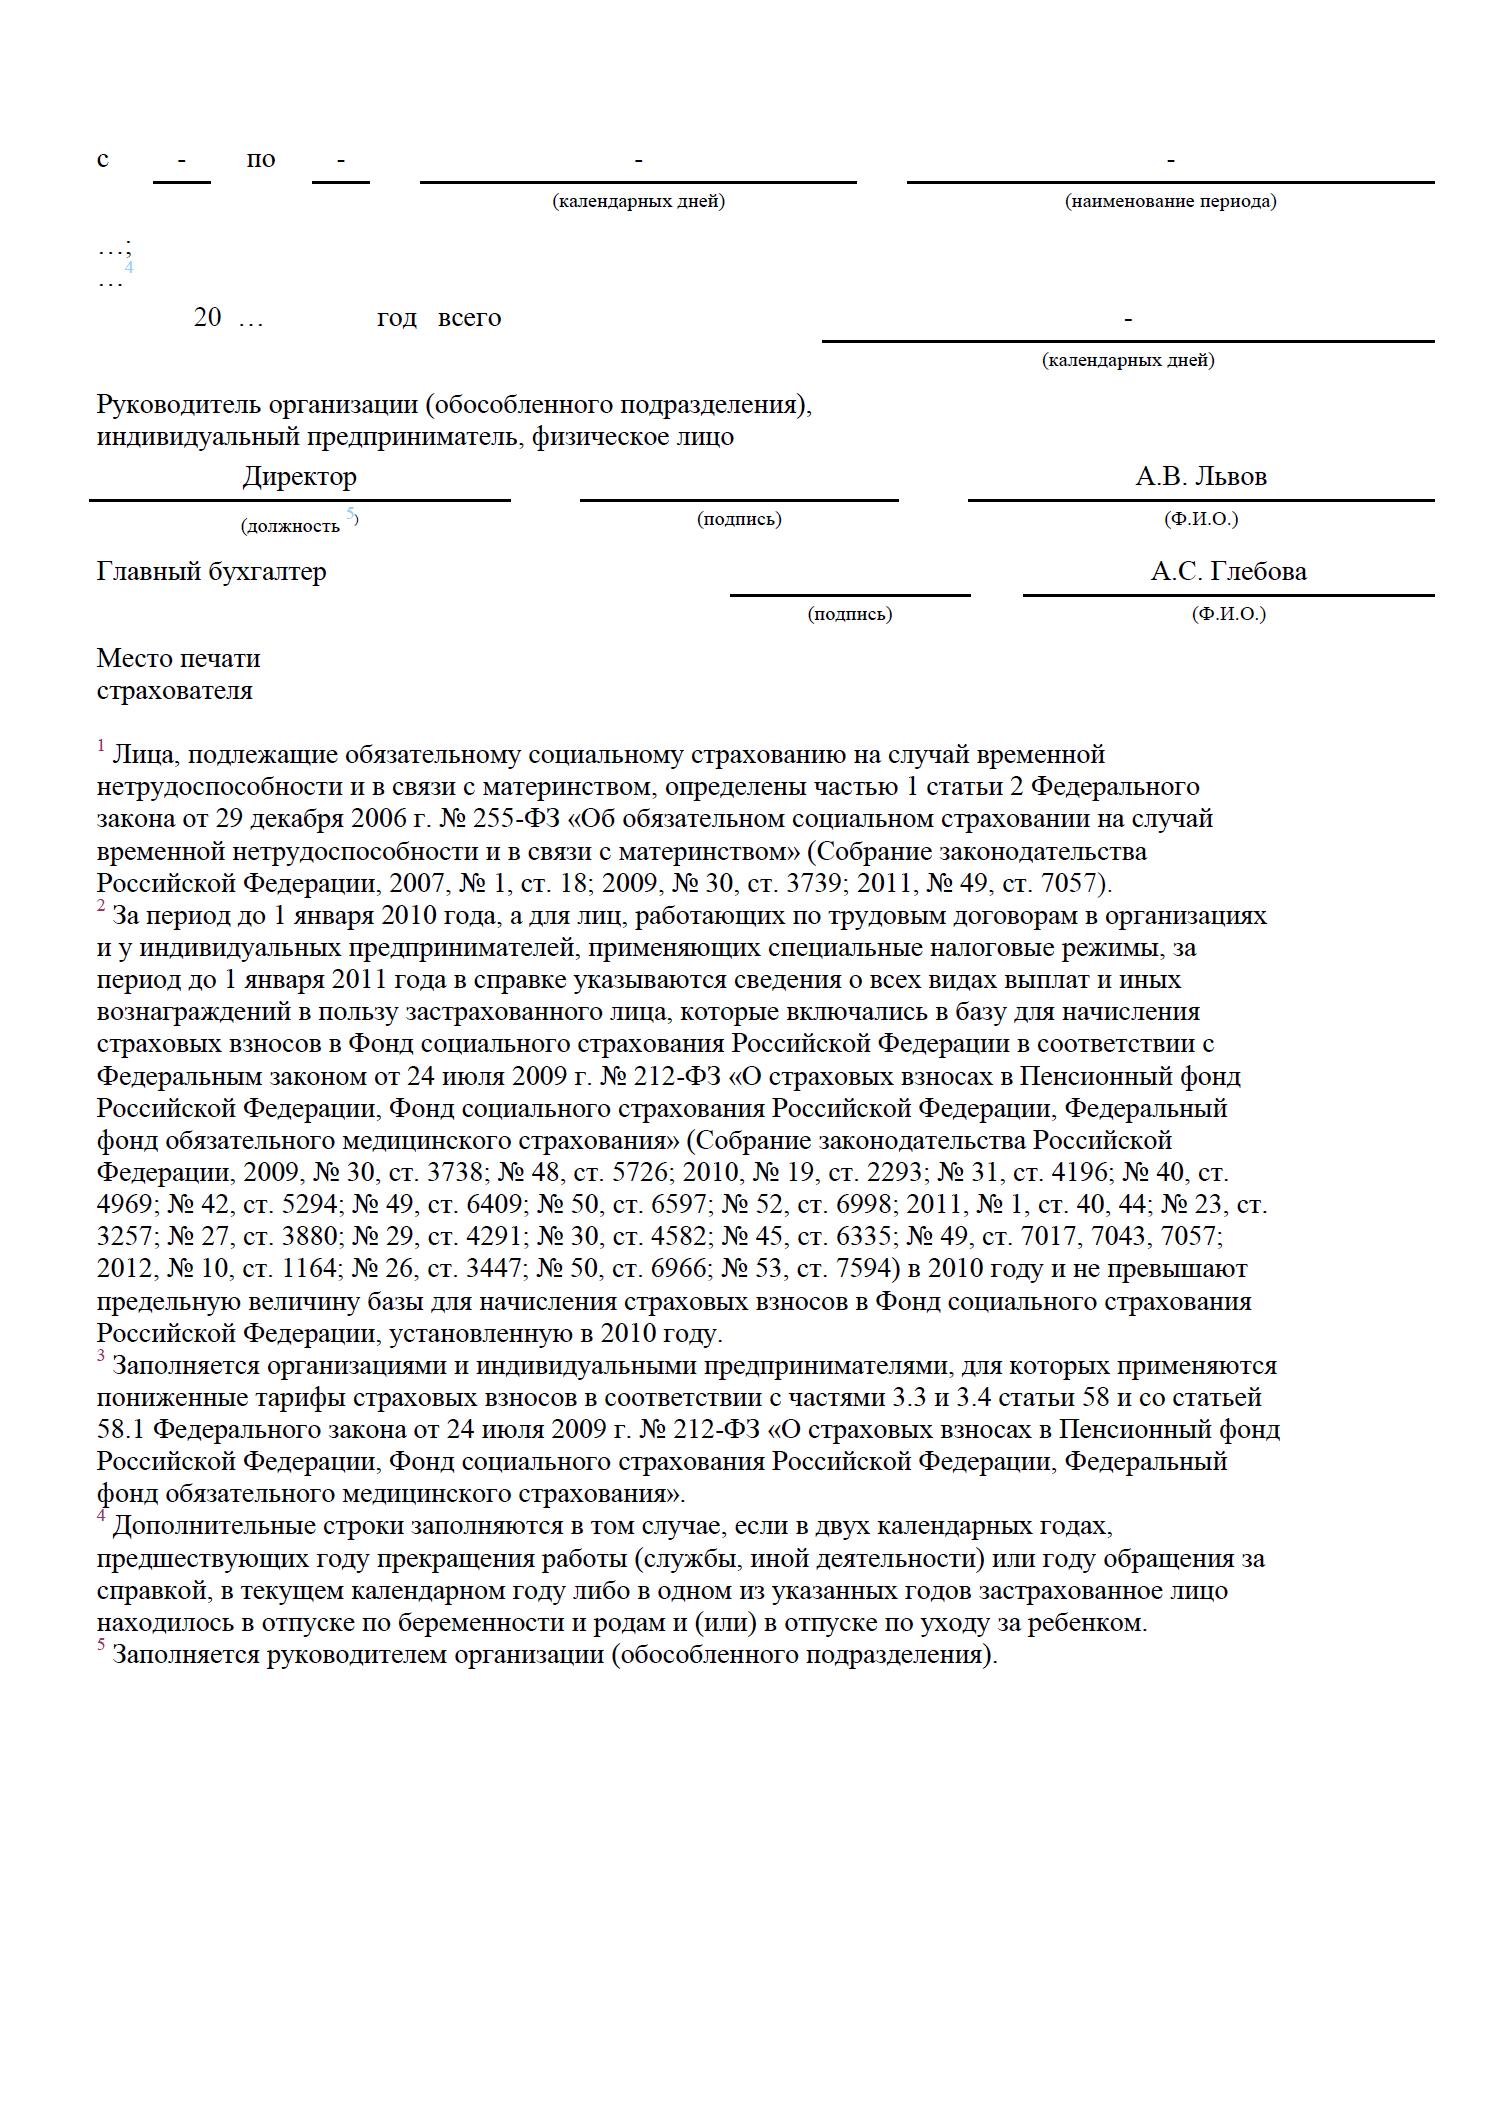 справка о сумме заработной платы 182н бланк 2014